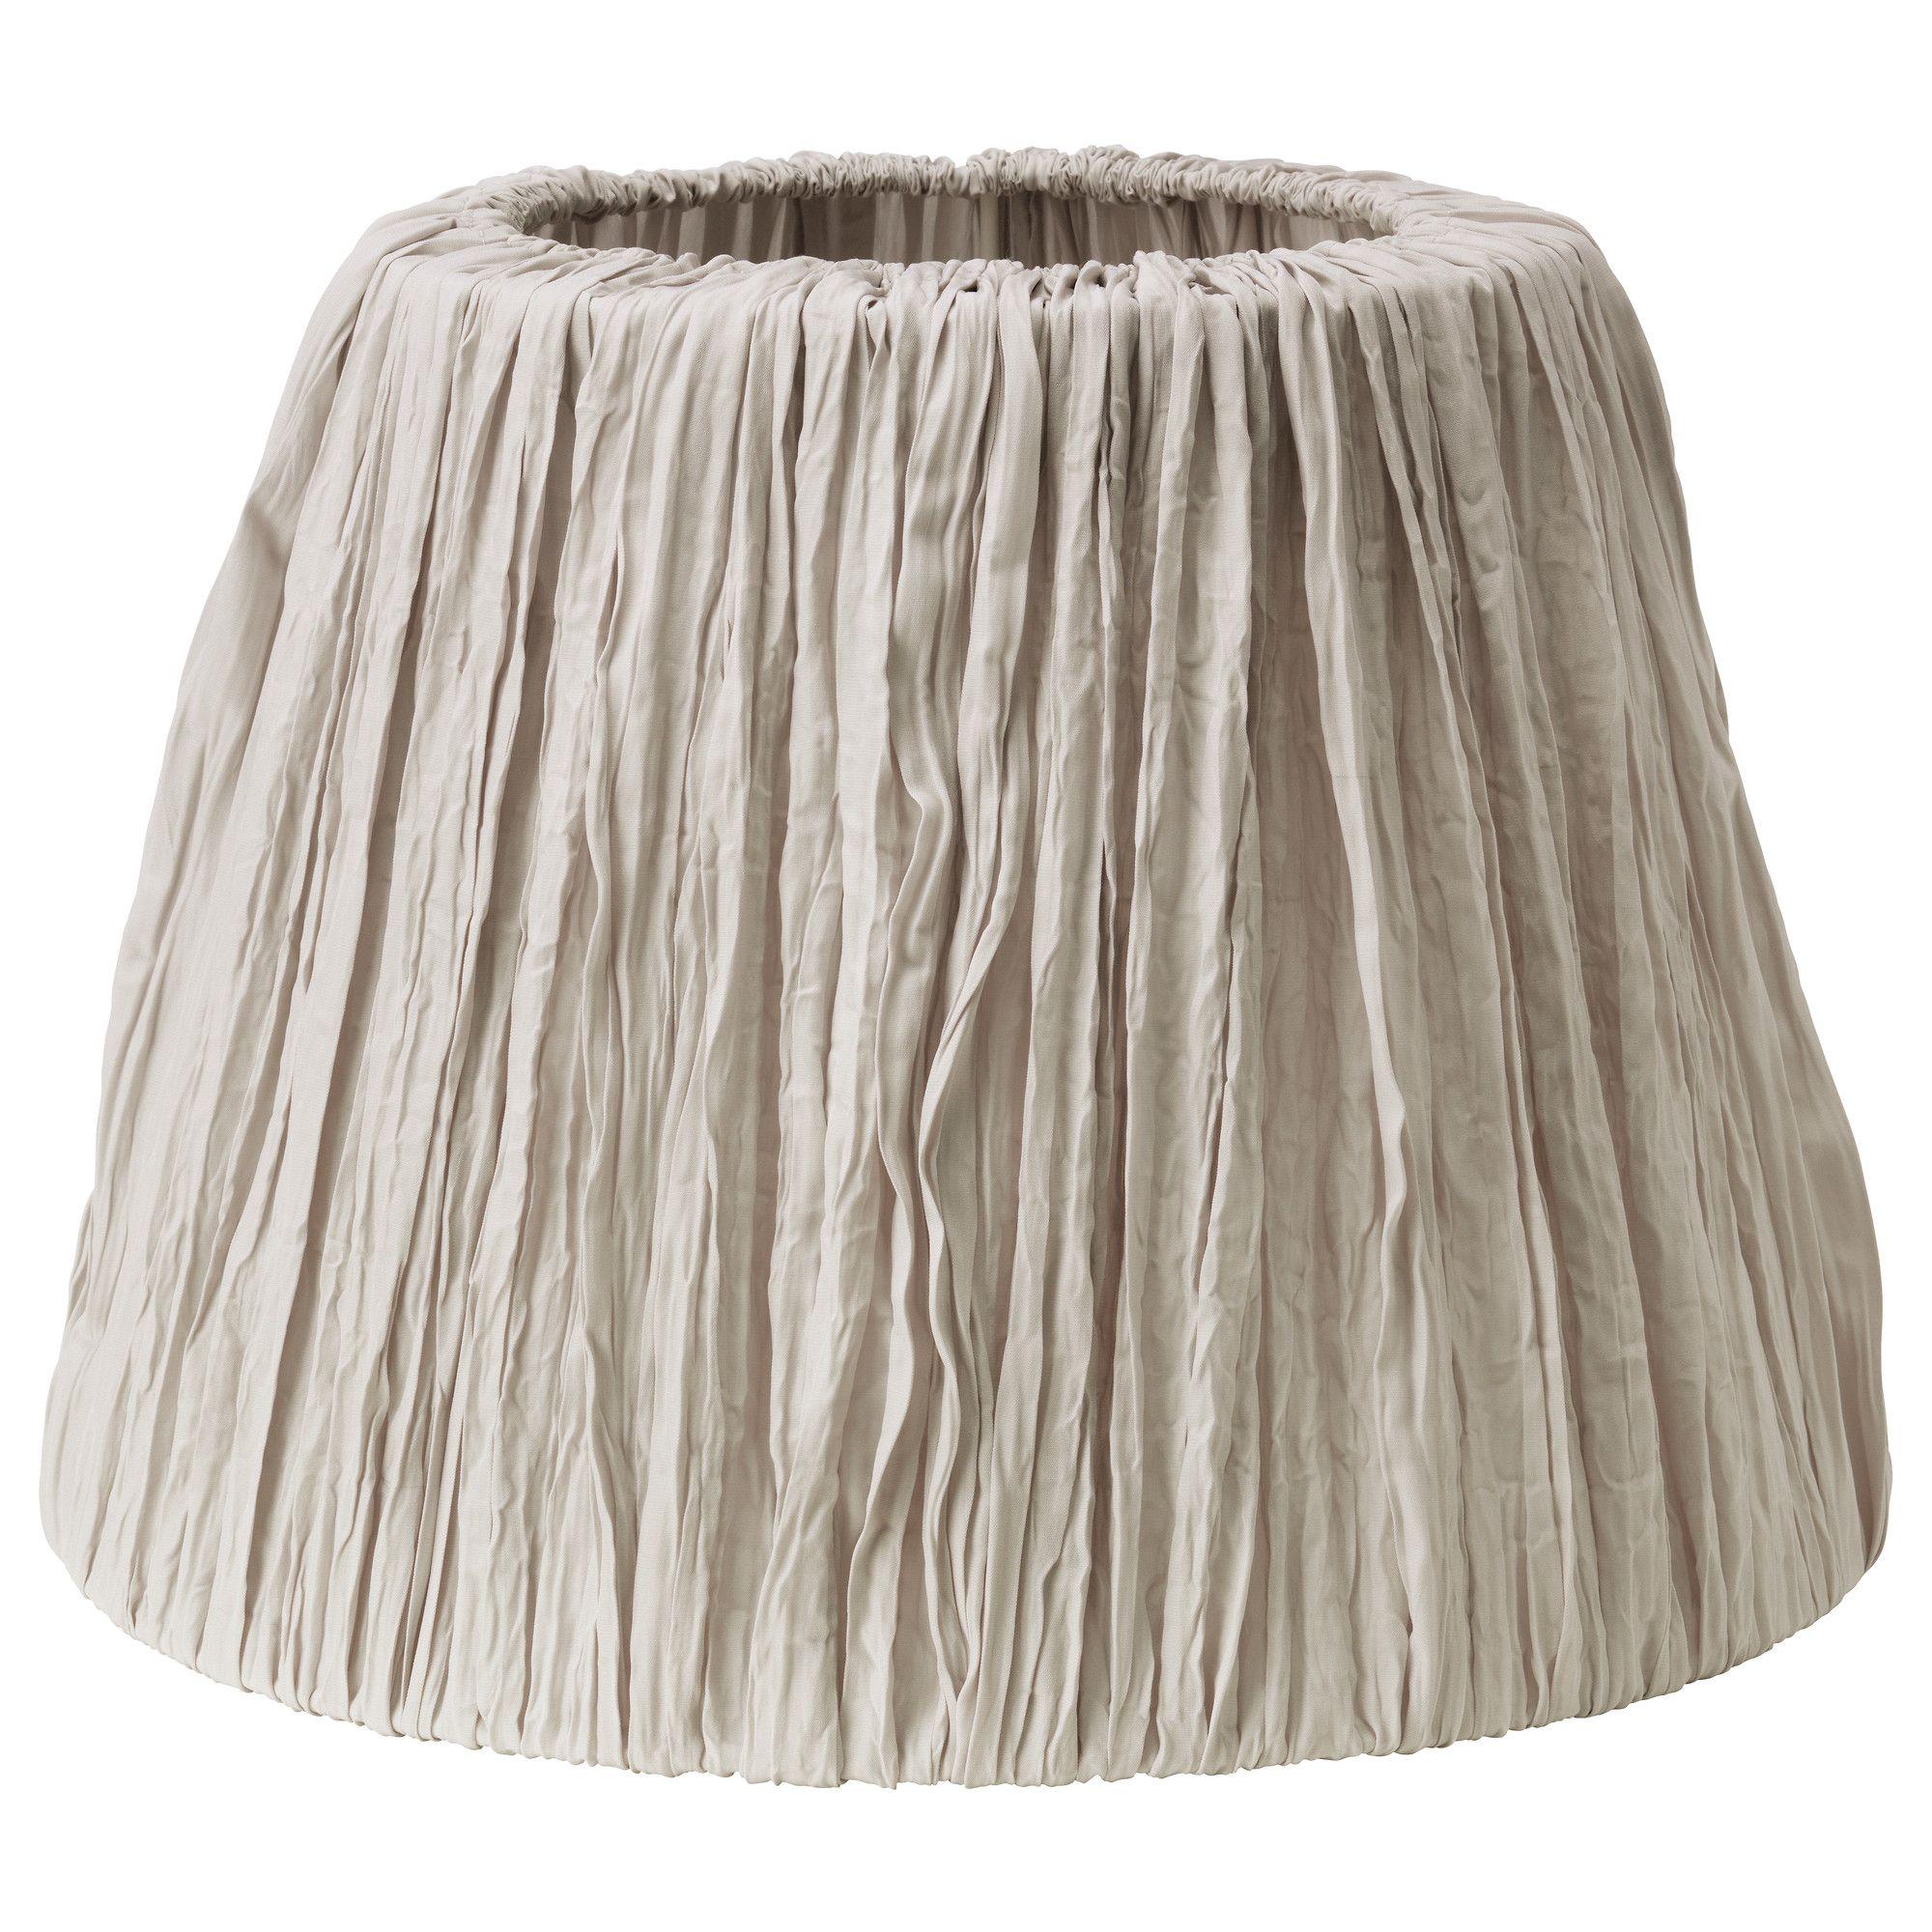 hemsta paralume ikea dispo anche pi piccolo angolino simpatico. Black Bedroom Furniture Sets. Home Design Ideas